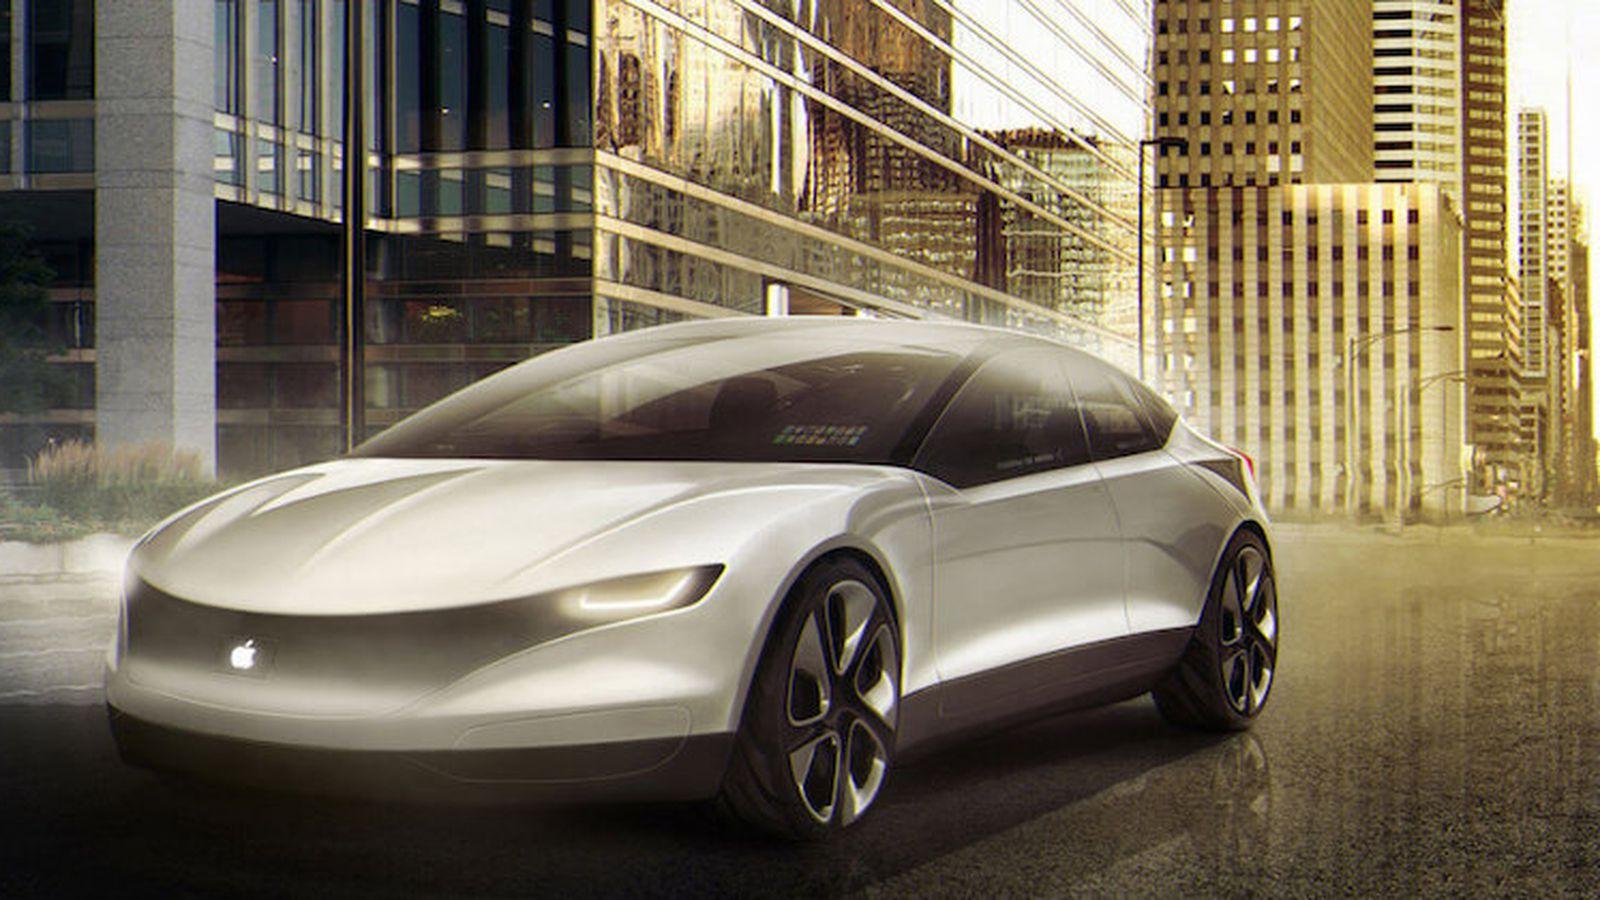 اپل احتمالا تولید خودروی پیشرفته خود را به کیا میسپارد